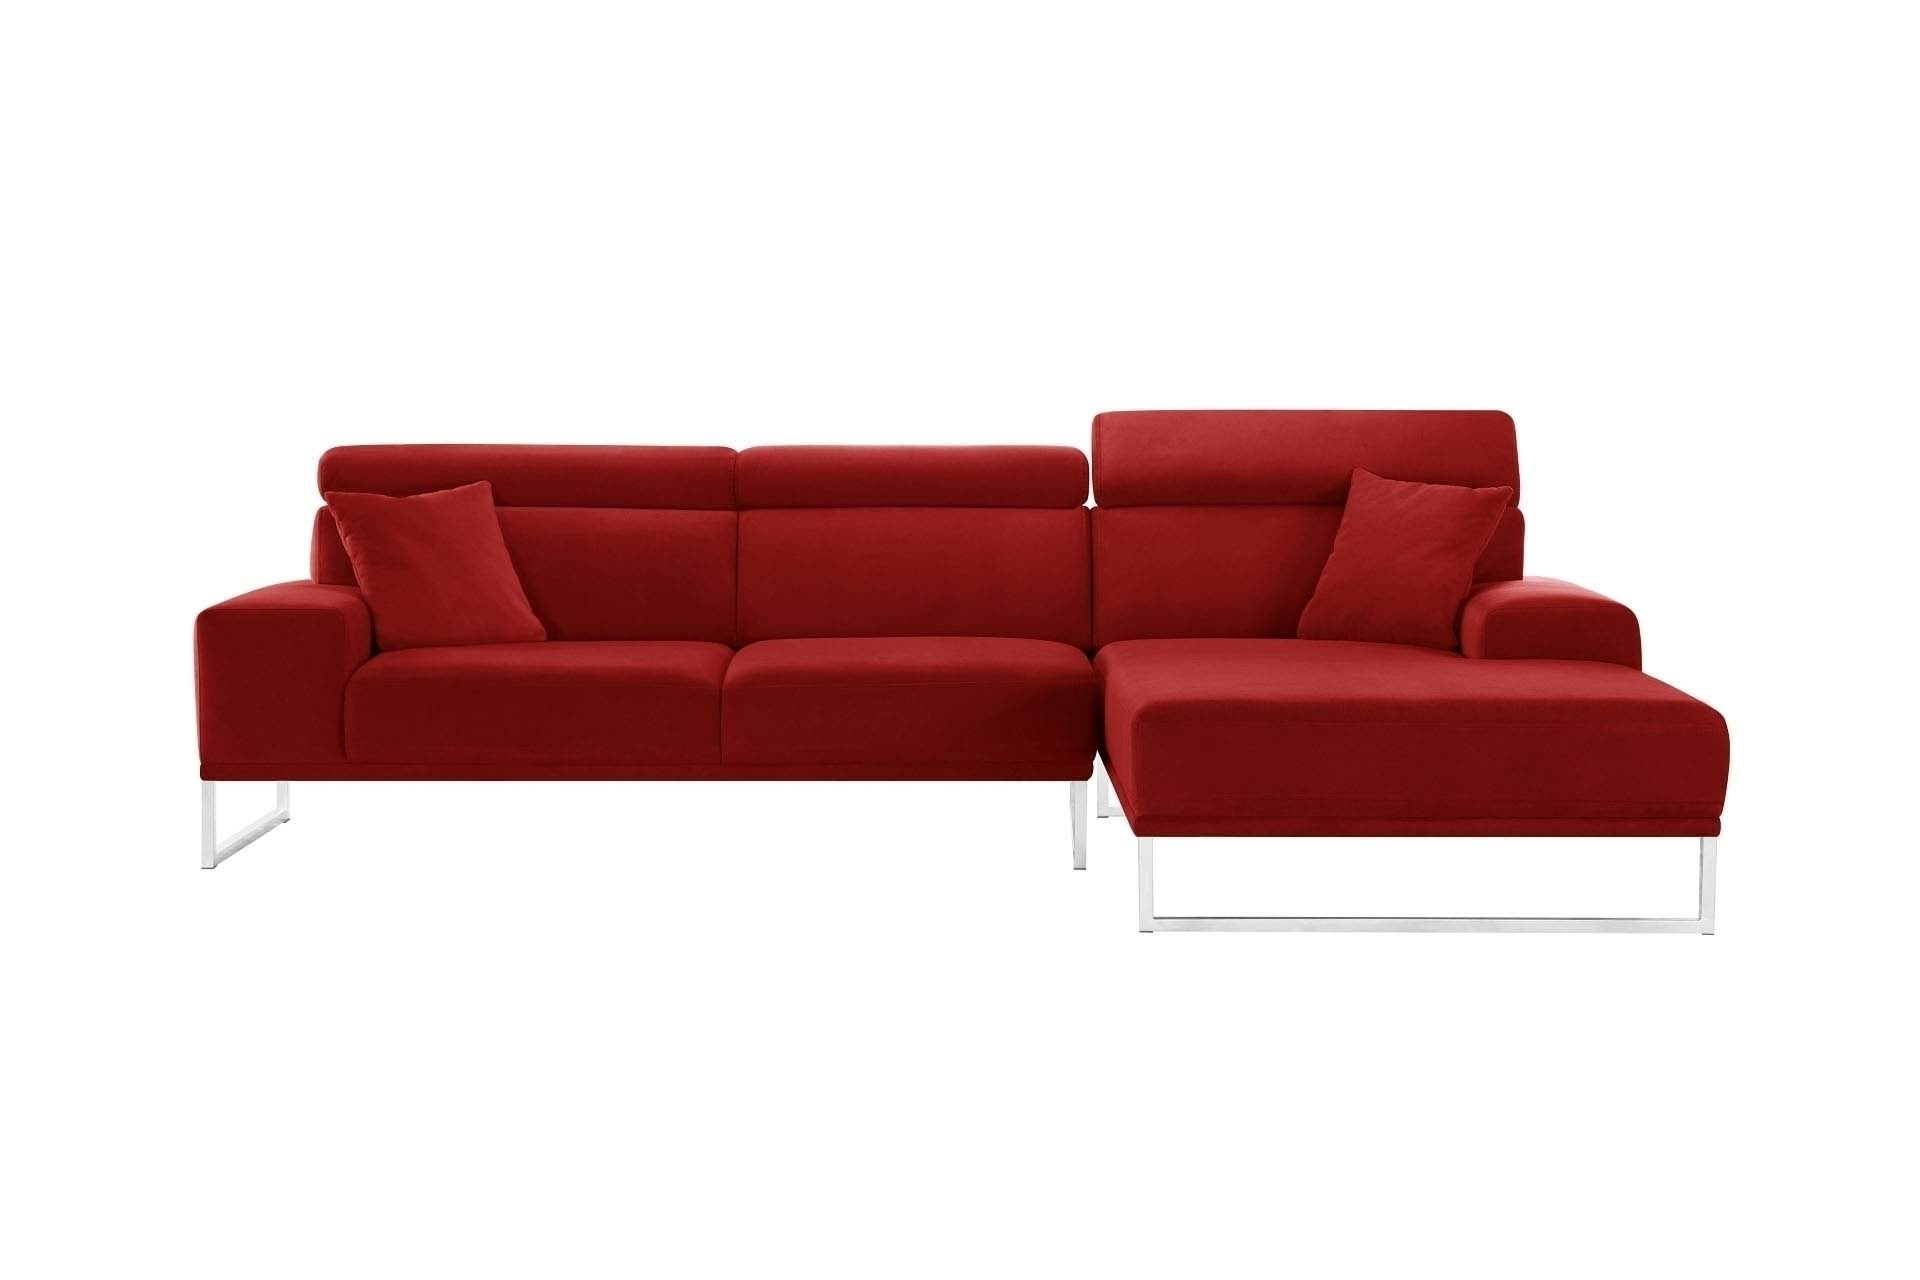 Canapé d'angle droit 5 places en velours glamour rouge